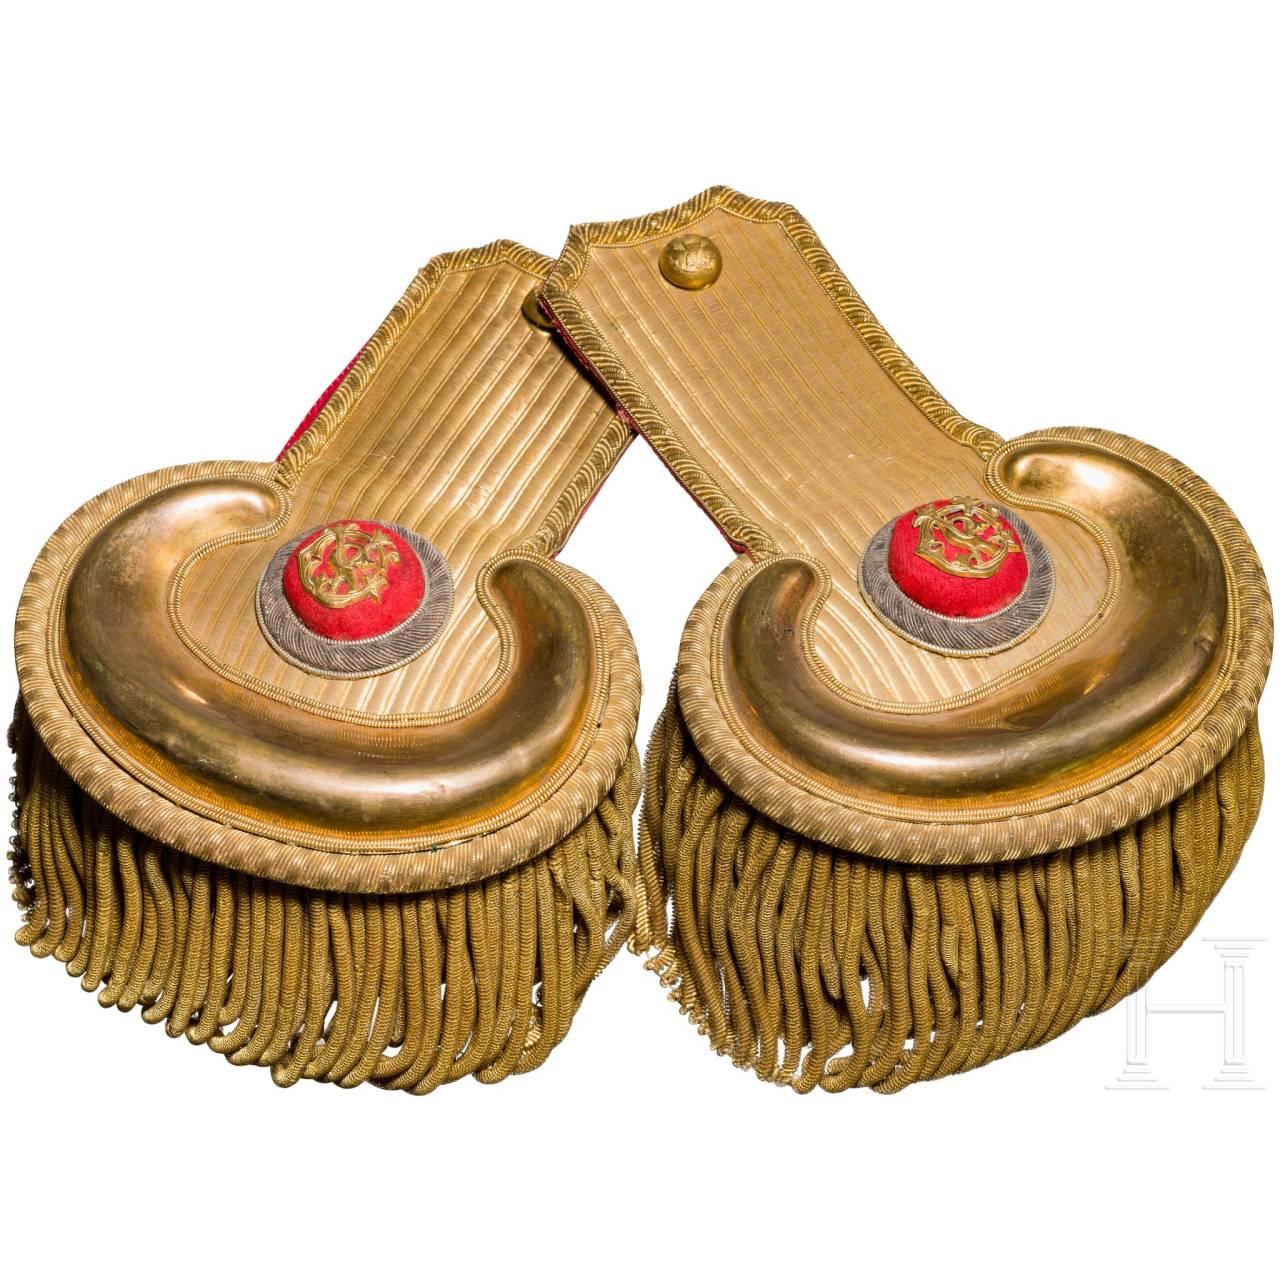 Ein Paar Epauletten für einen Offizier der US-Army, 2. Hälfte 19. Jhdt.